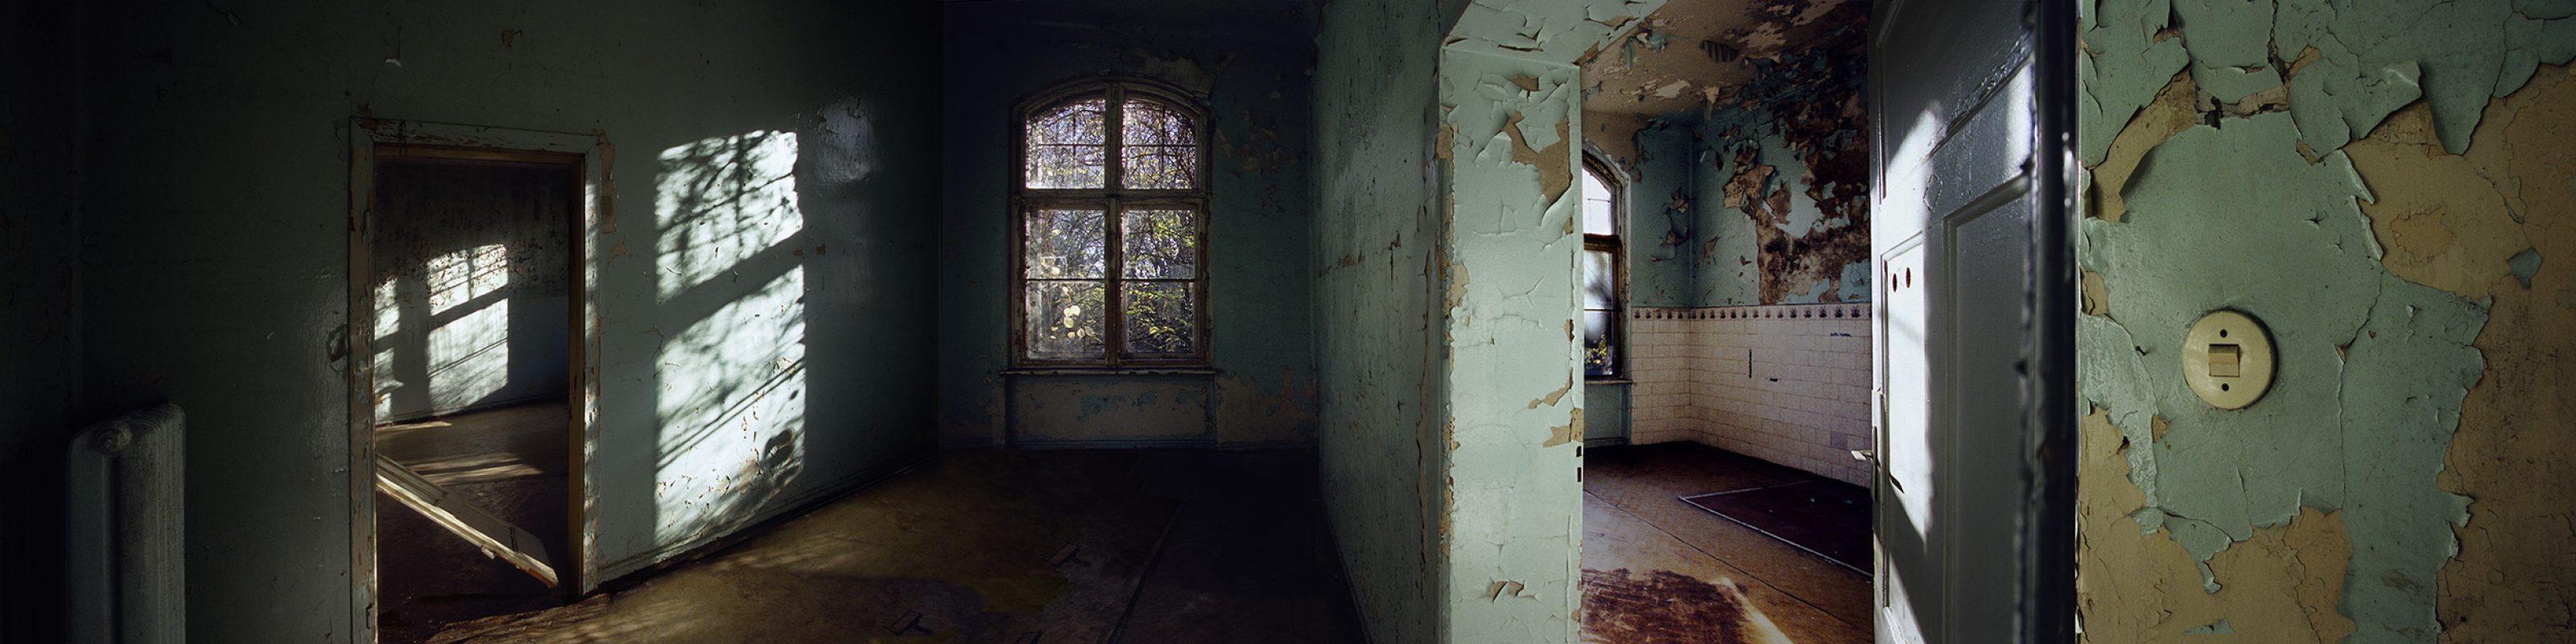 Beelitz-Heilstätten, grüner Raum